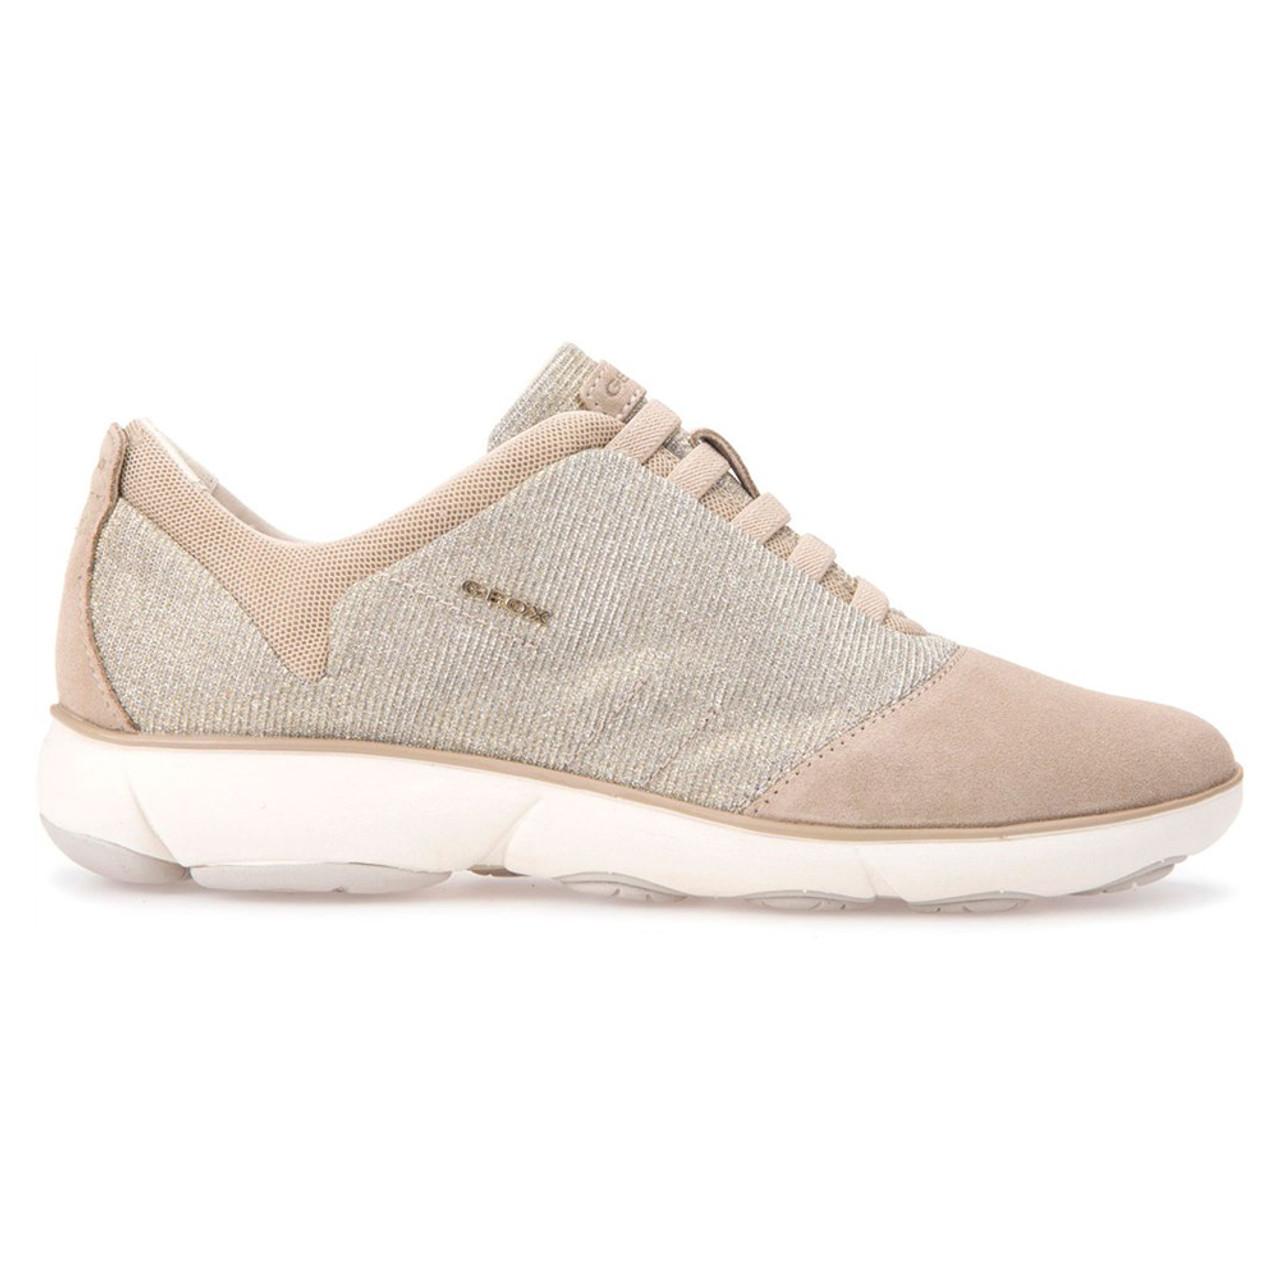 3e20ddcde3 Geox Women's Nebula Sneaker Lead/Taupe Glitter Suede - Shop now @ Shoolu.com